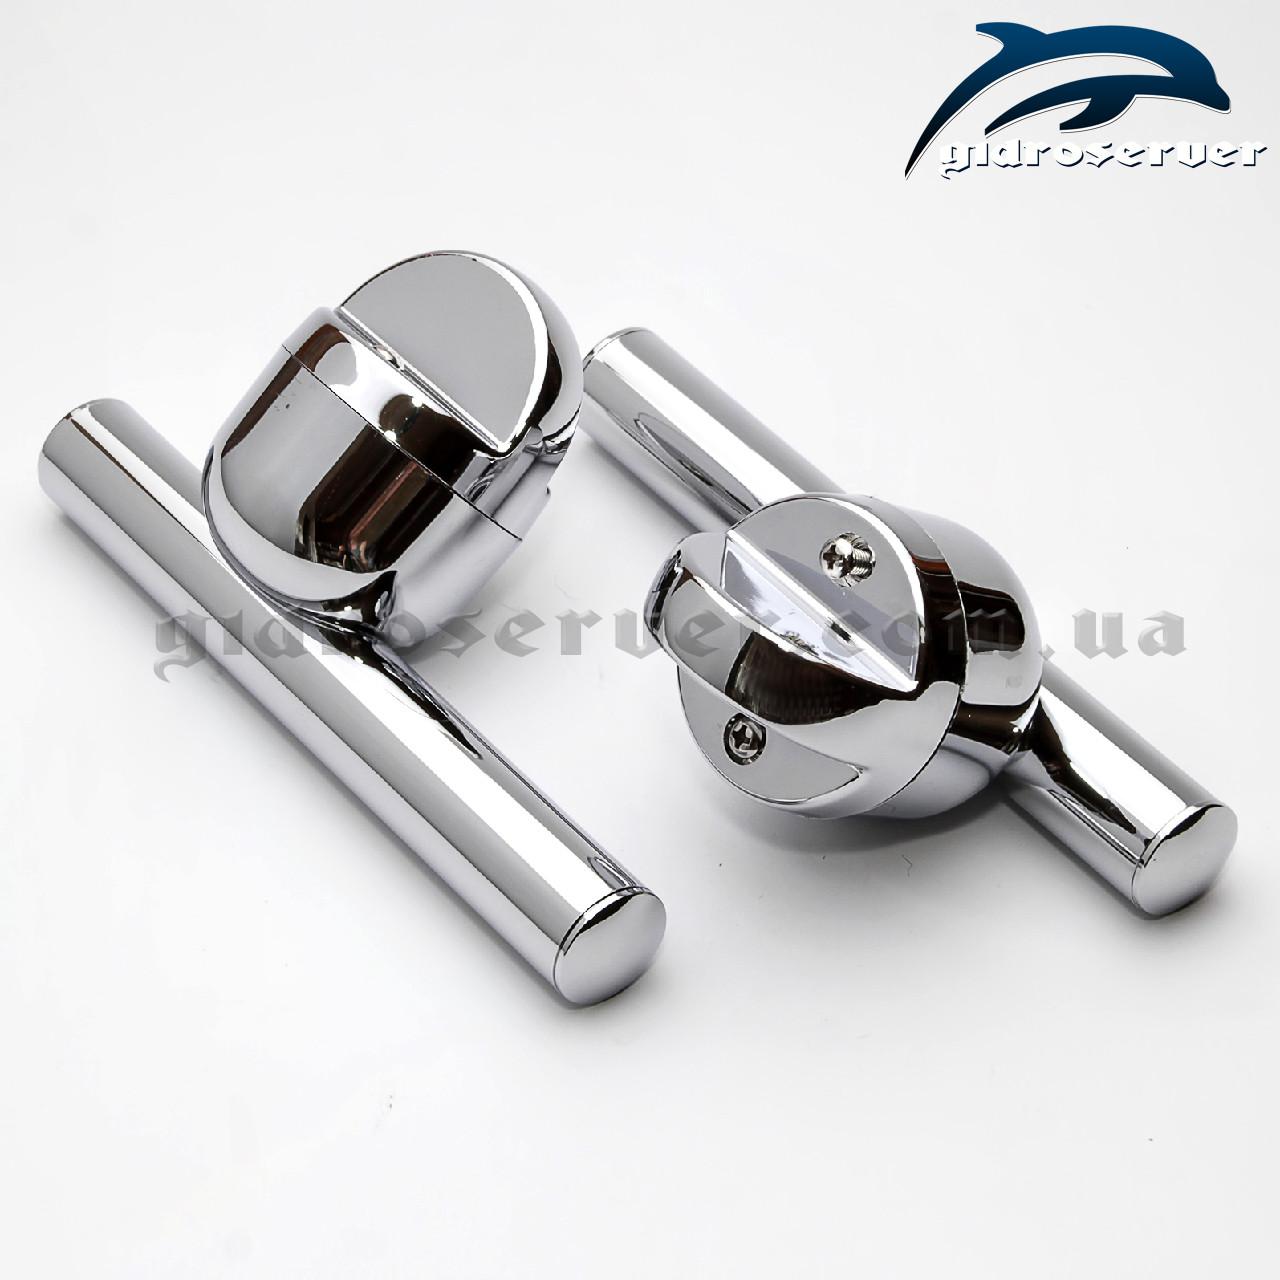 Ручка для стеклянных дверей душевых кабин, гидробоксов H-10.